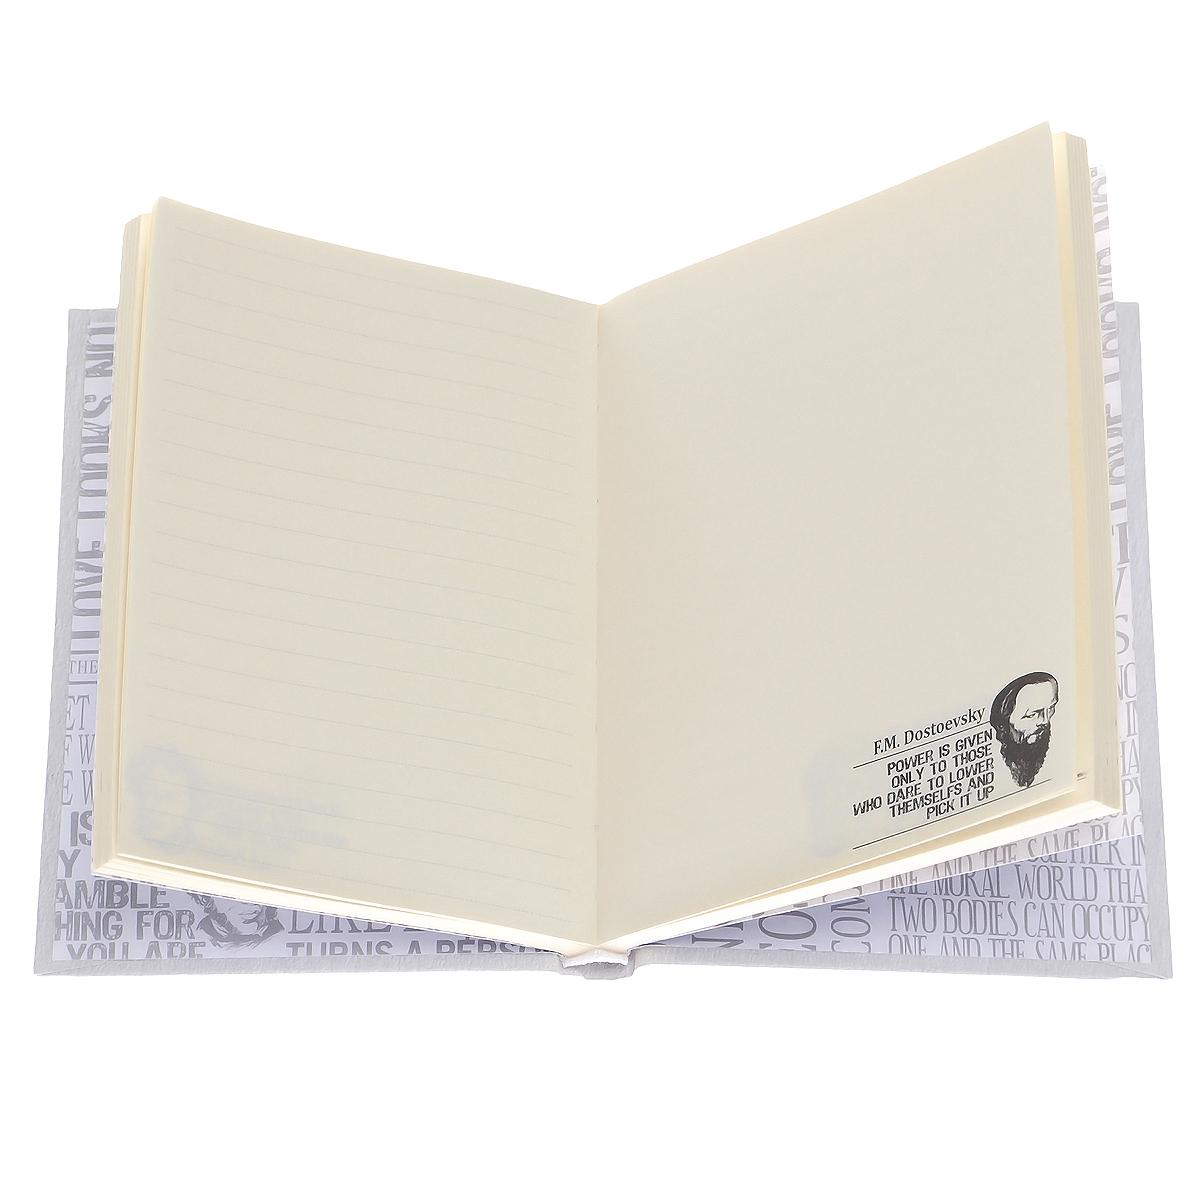 A. S. Pushkin: Notebook